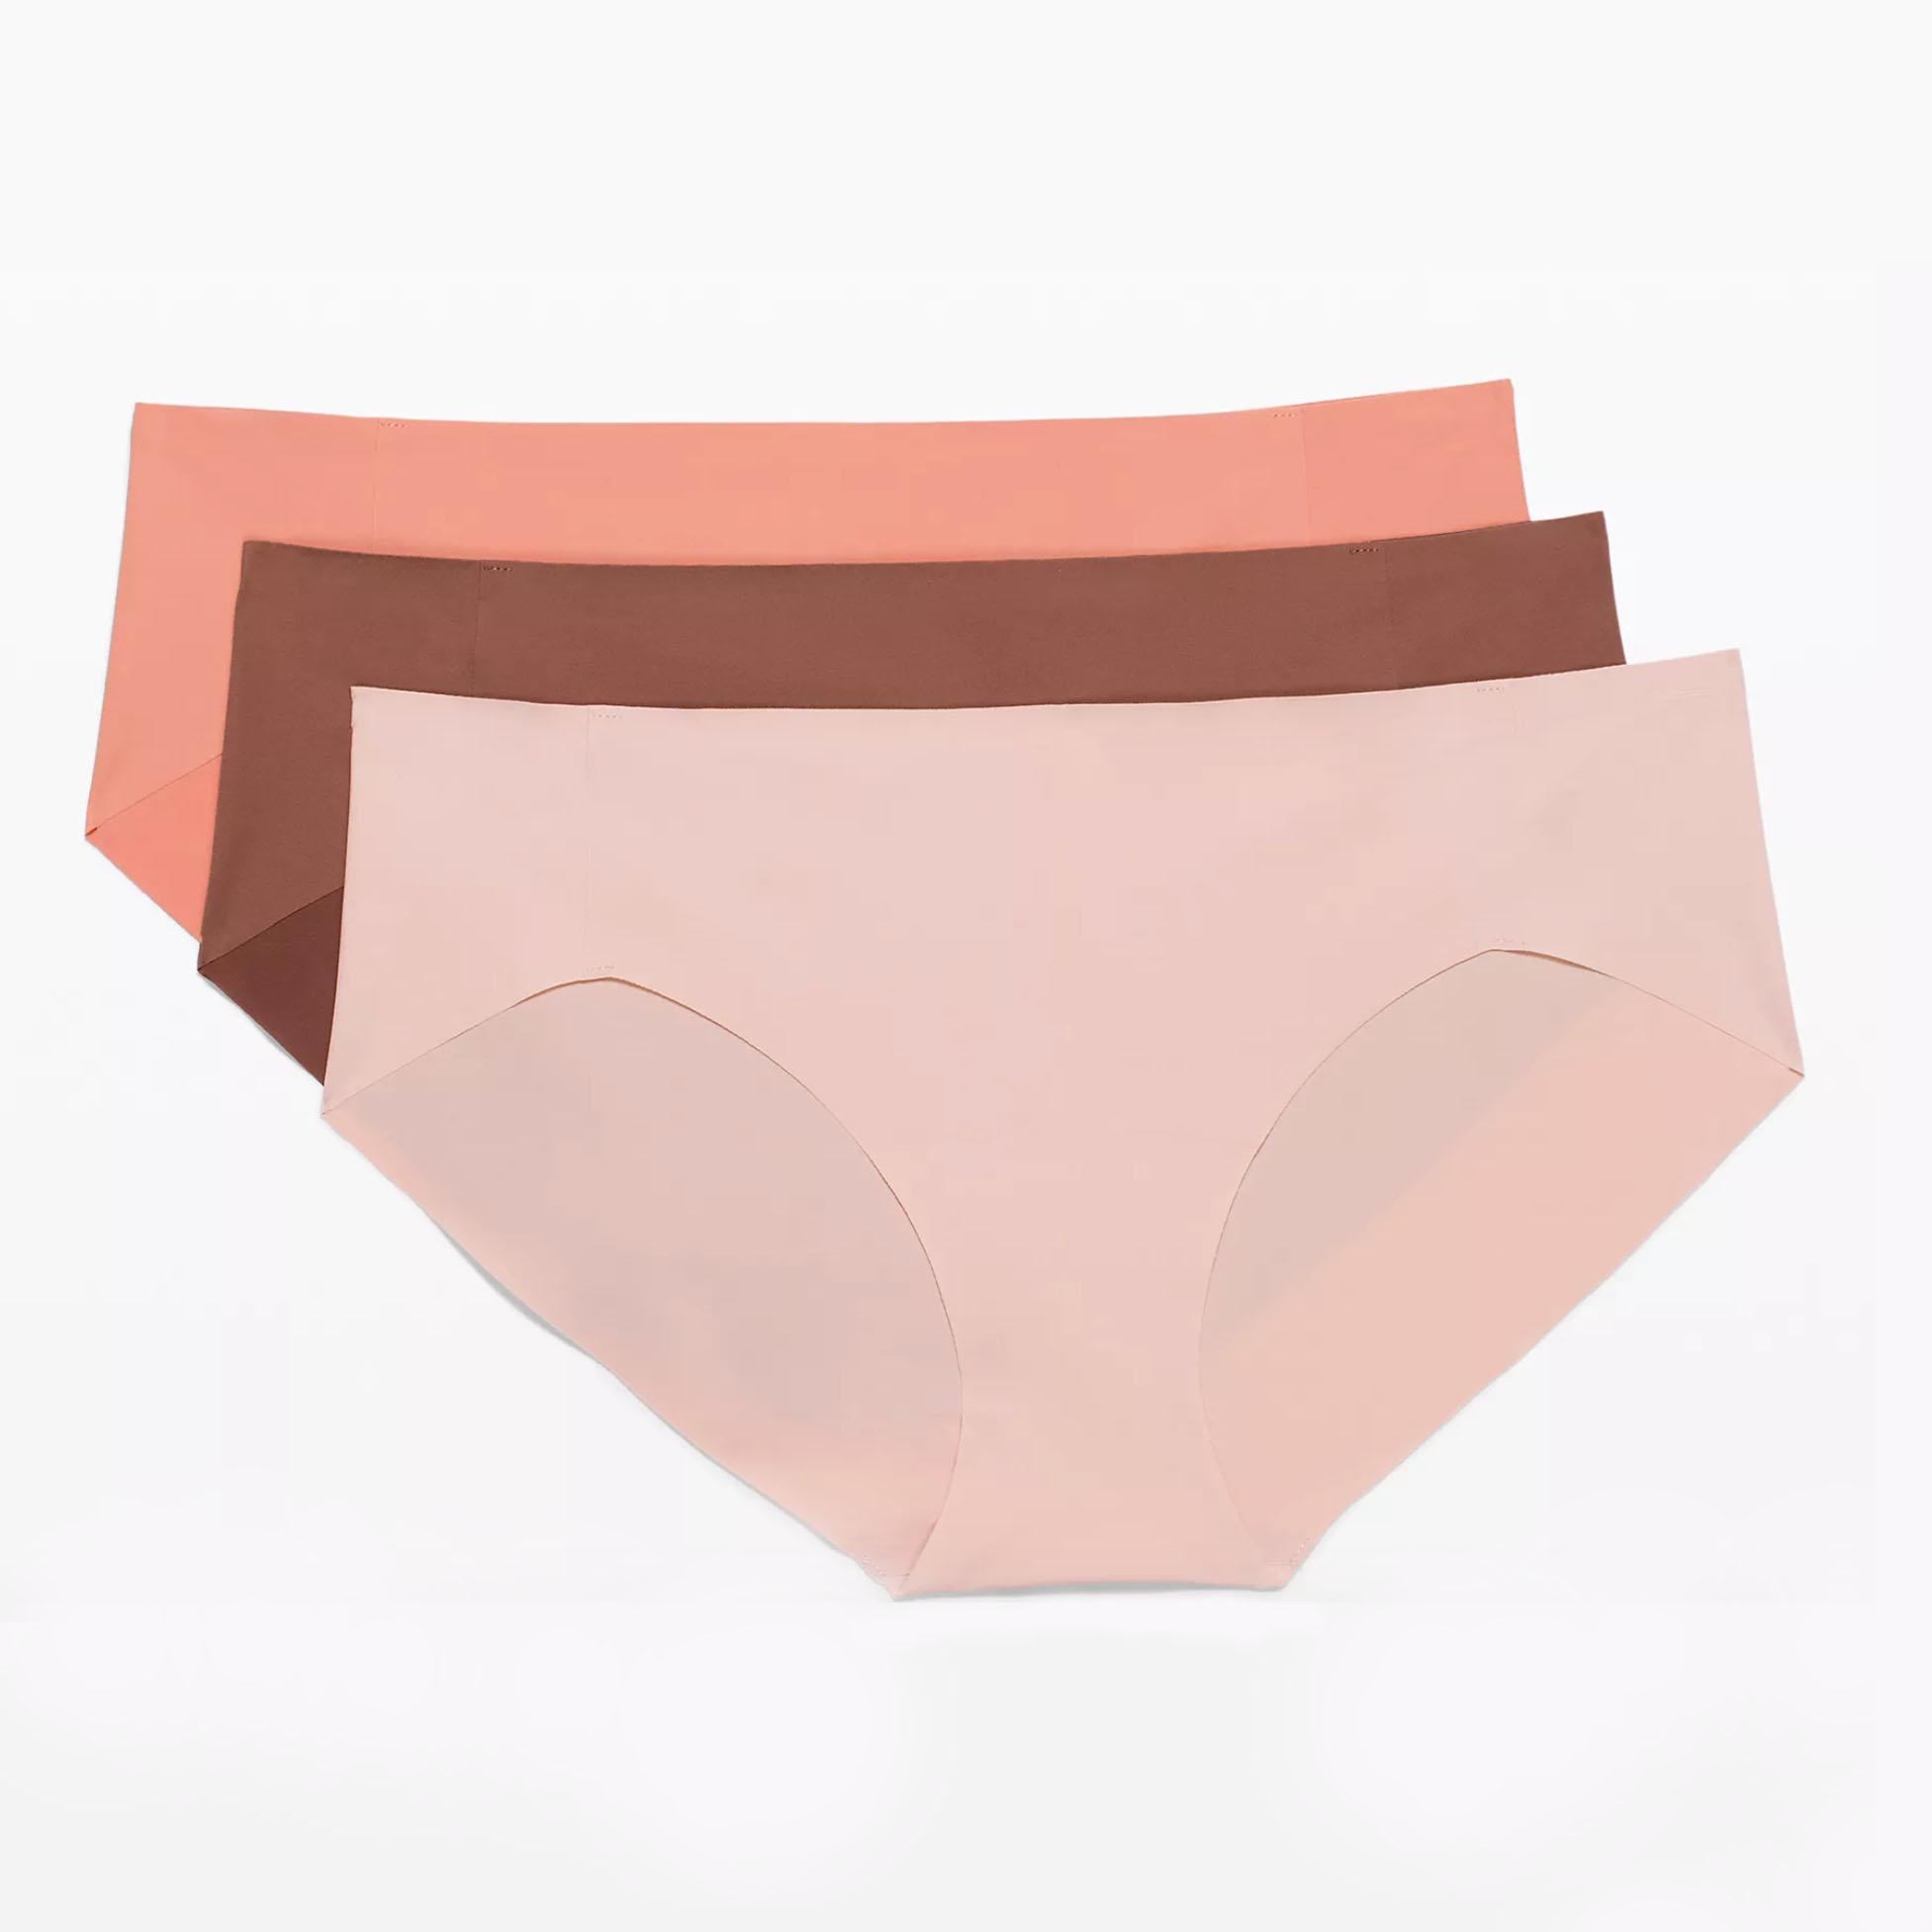 sweat-wicking moisture-wicking clothes underwear